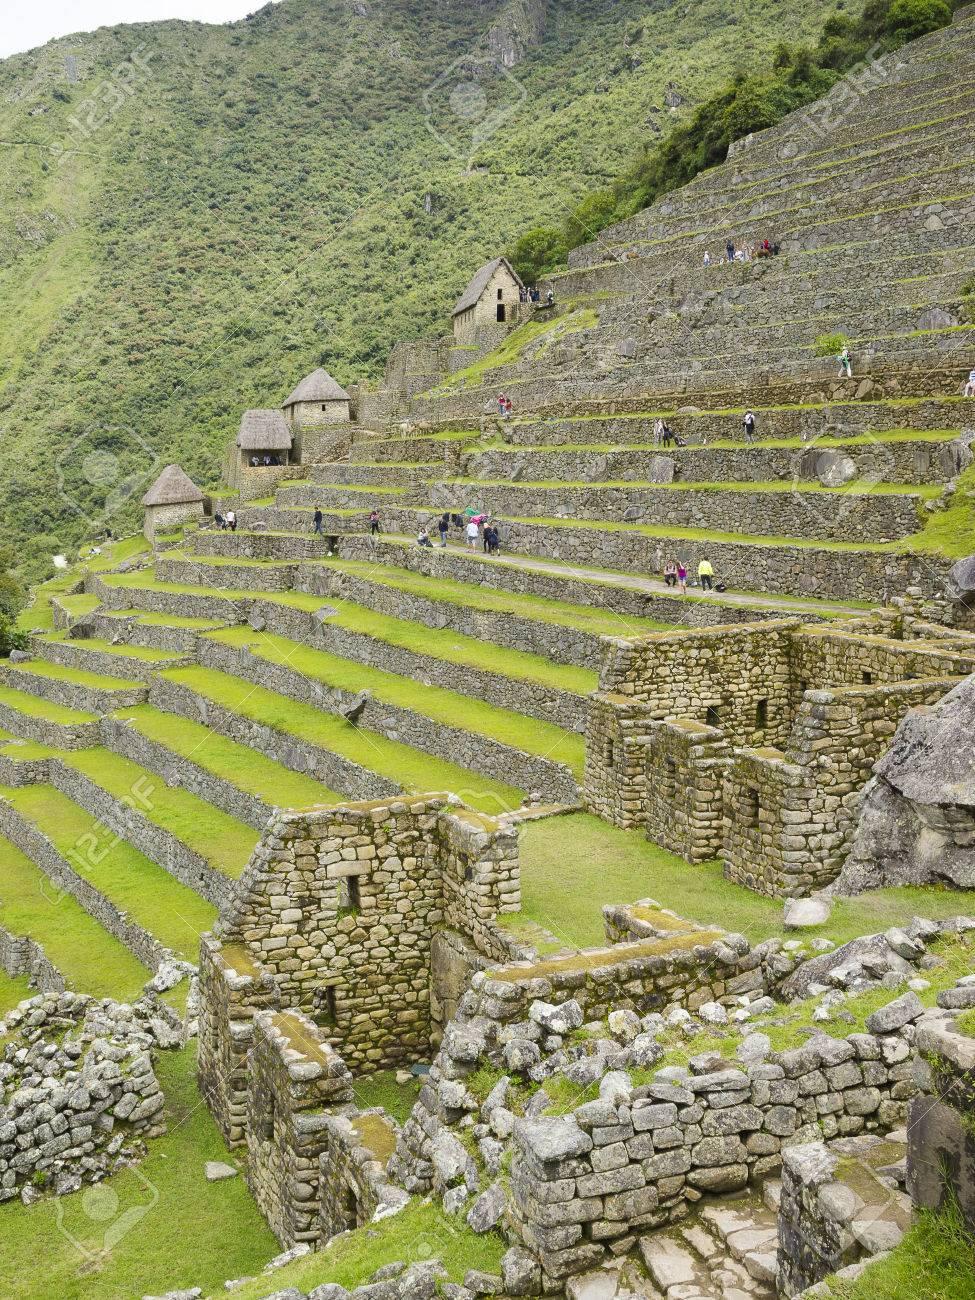 Machu Picchu, Cusco, Perù - 15 Marzo Turisti Visitano La Terrazza ...